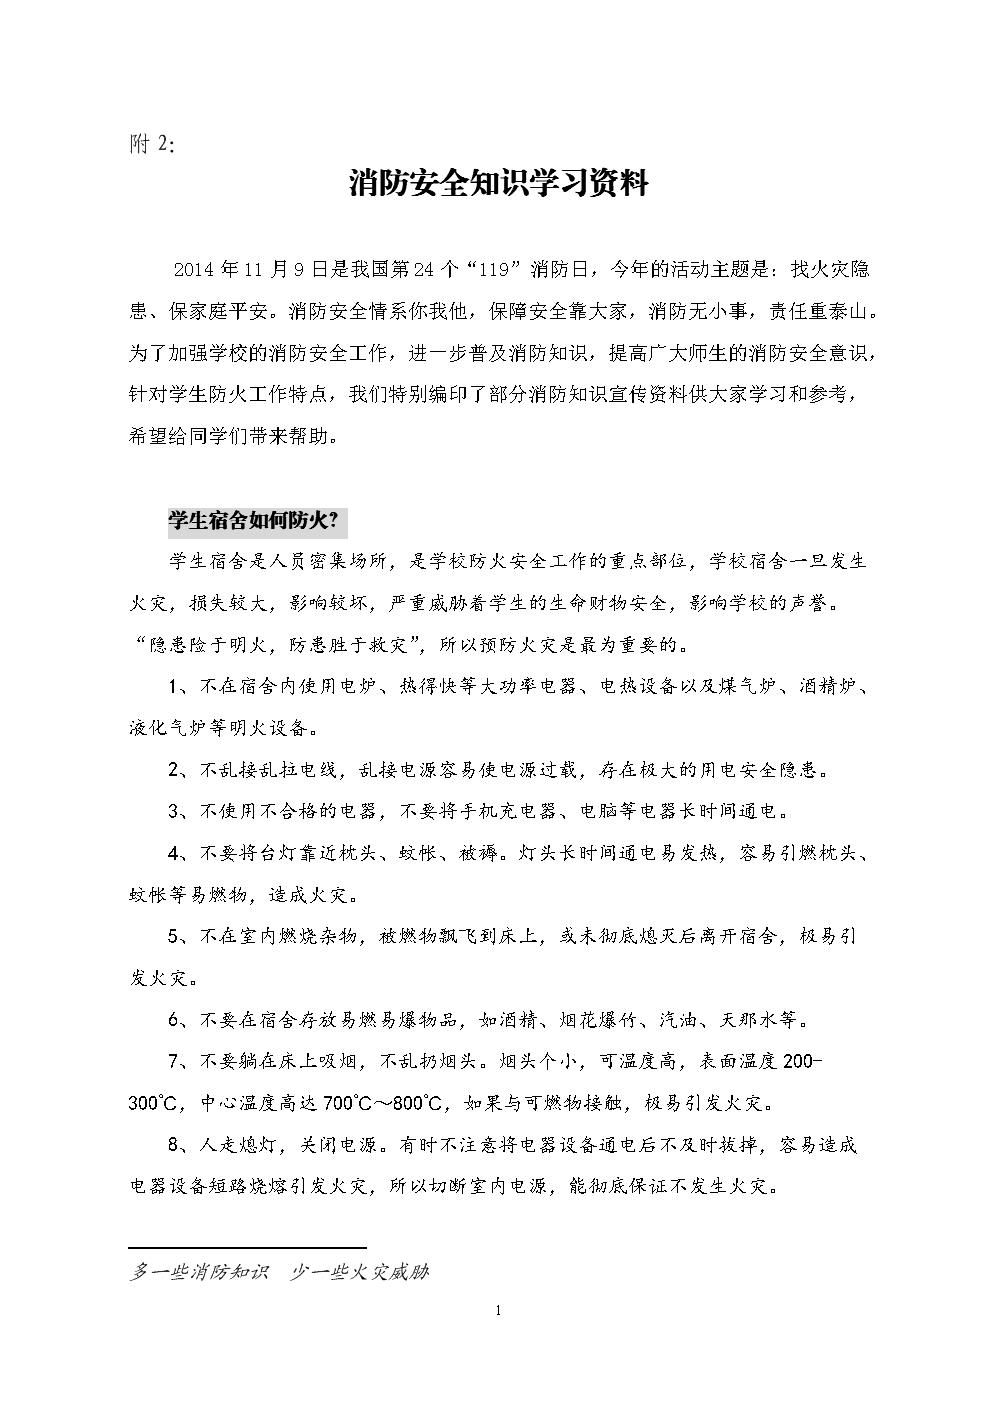 消防安全知识学习资料.doc